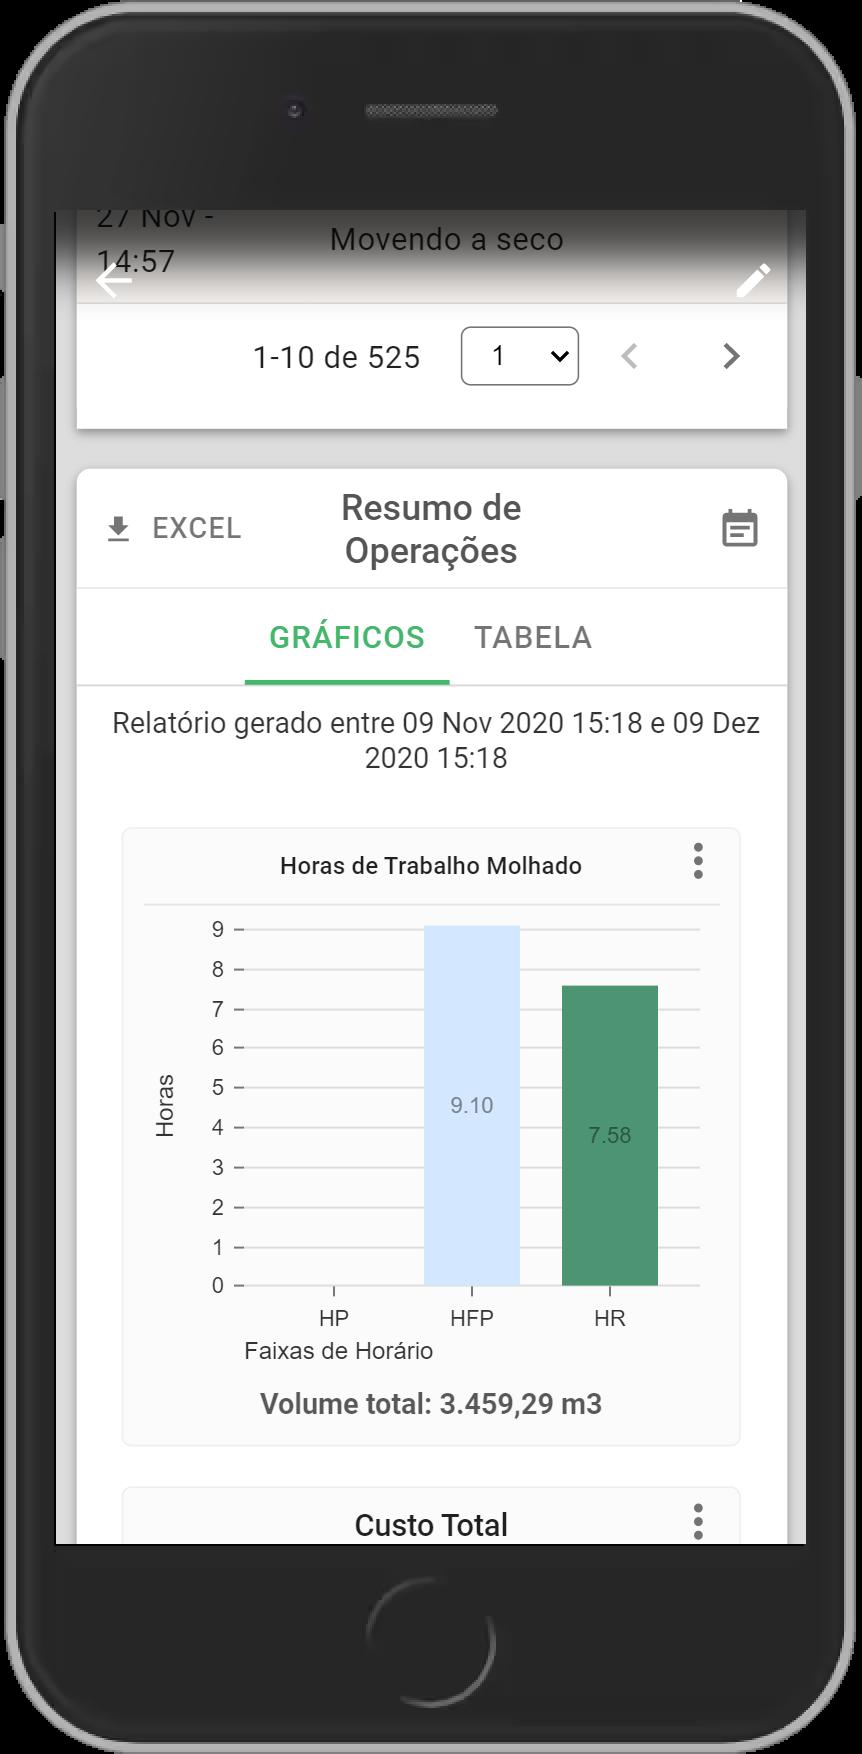 Tela de um smartphone exibindo um gráfico de resumo das irrigações.